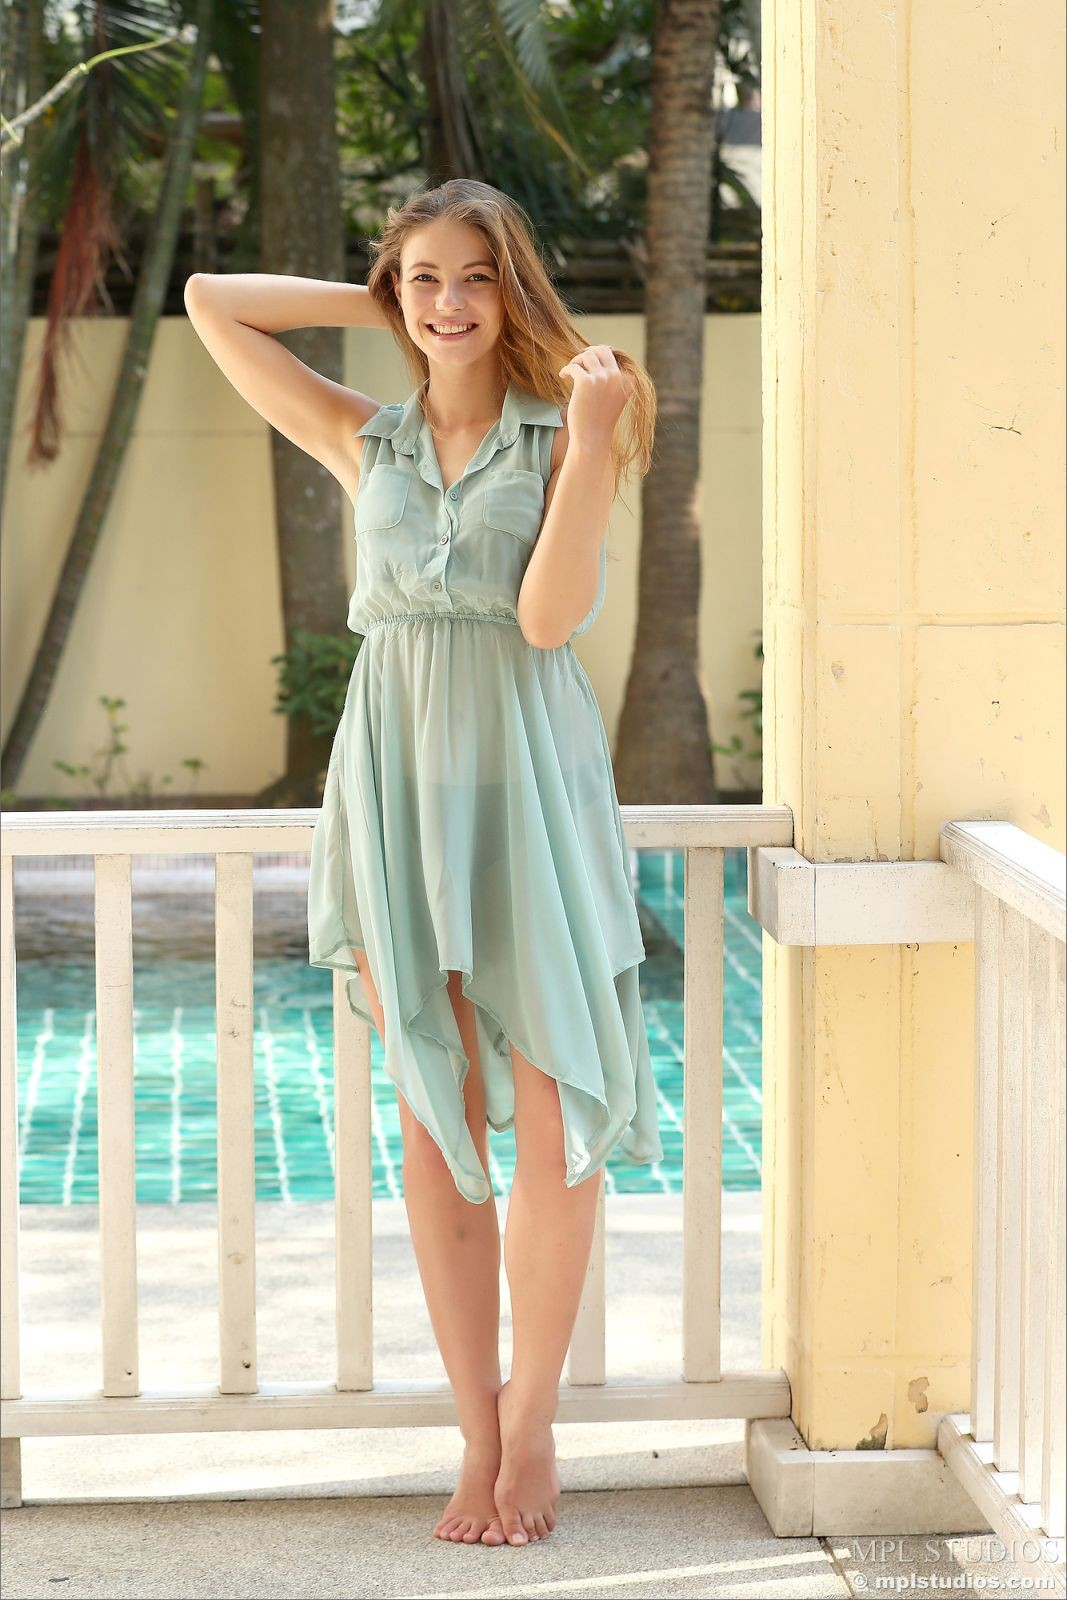 Милая девушка сняла платье и трусы - фото